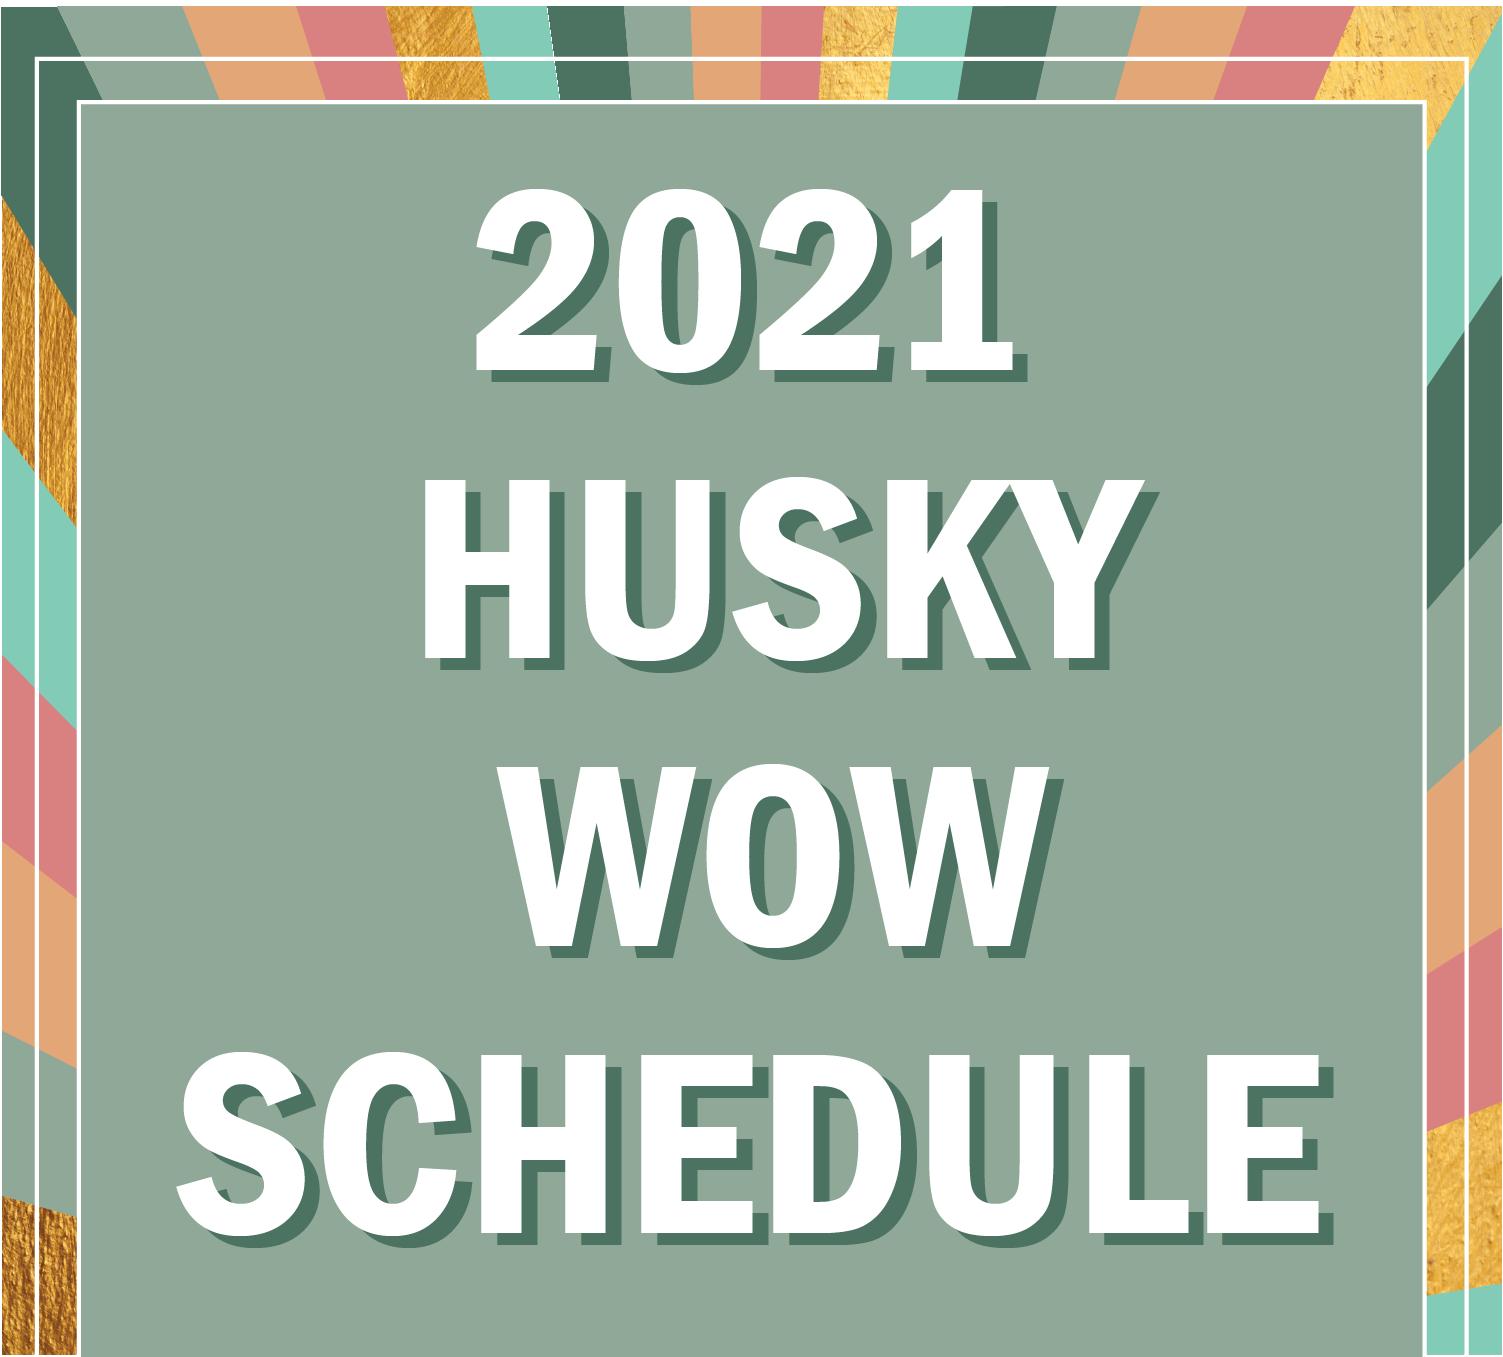 2021 wow schedule button web